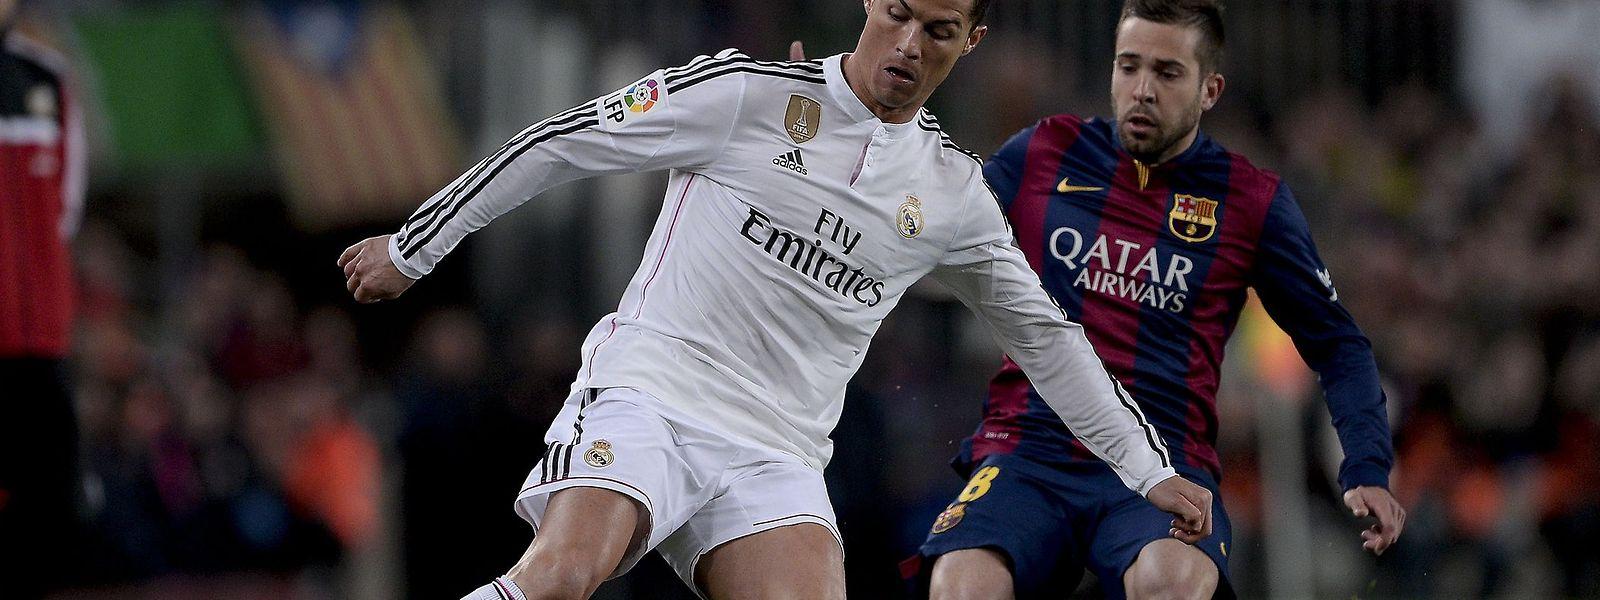 O golo de CR7 não evitou a derrota do Real em Camp Nou